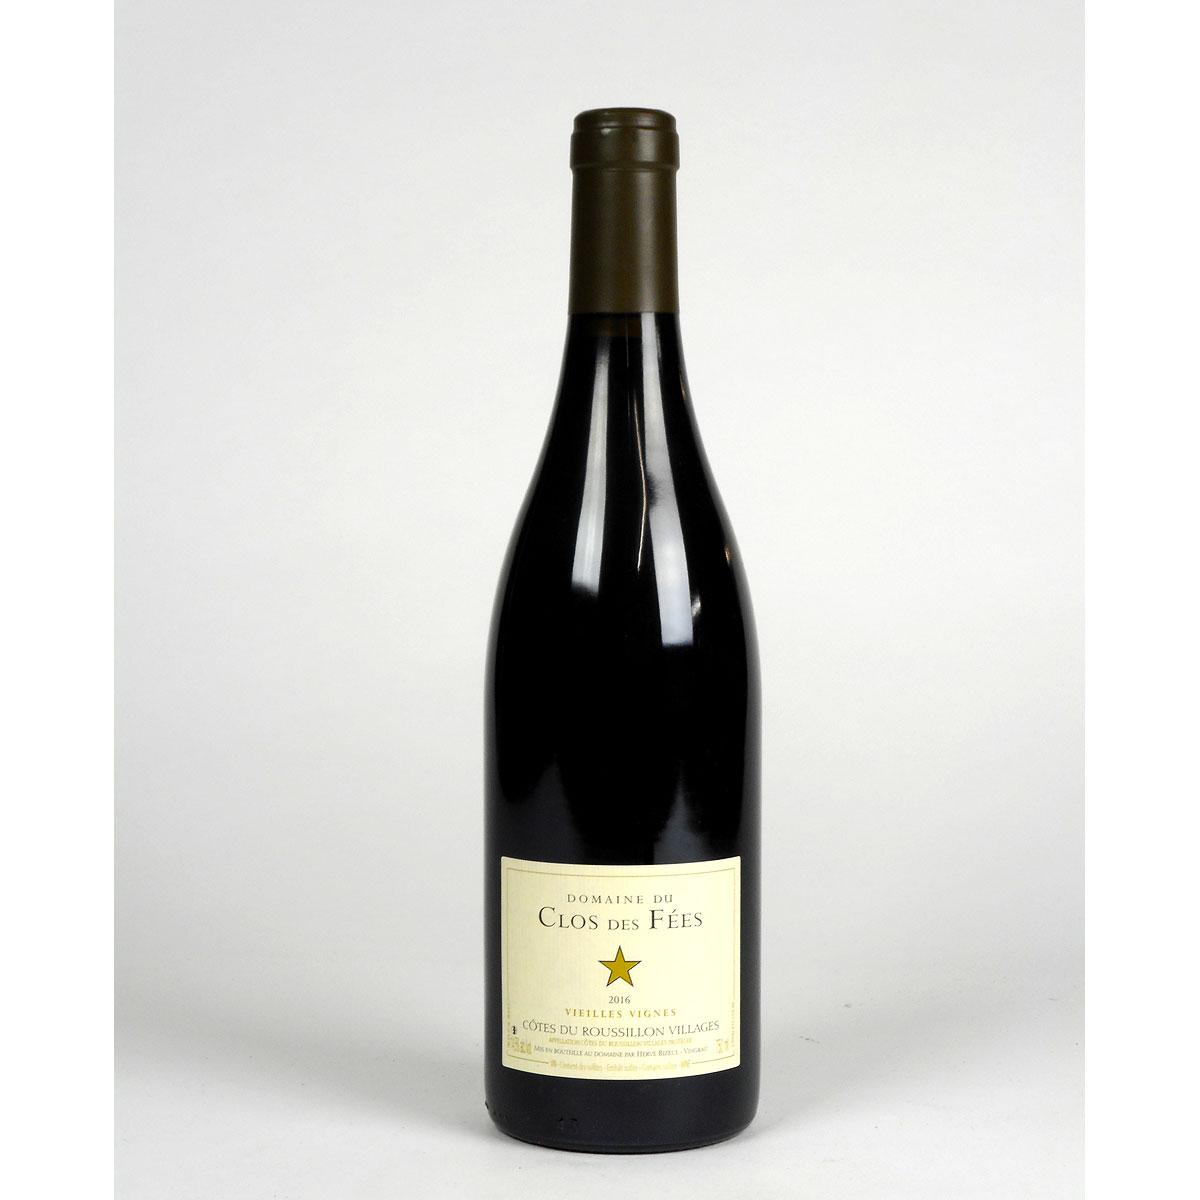 Côtes du Roussillon Villages: Domaine du Clos des Fées 'Vieilles Vignes' Rouge 2016 - Bottle